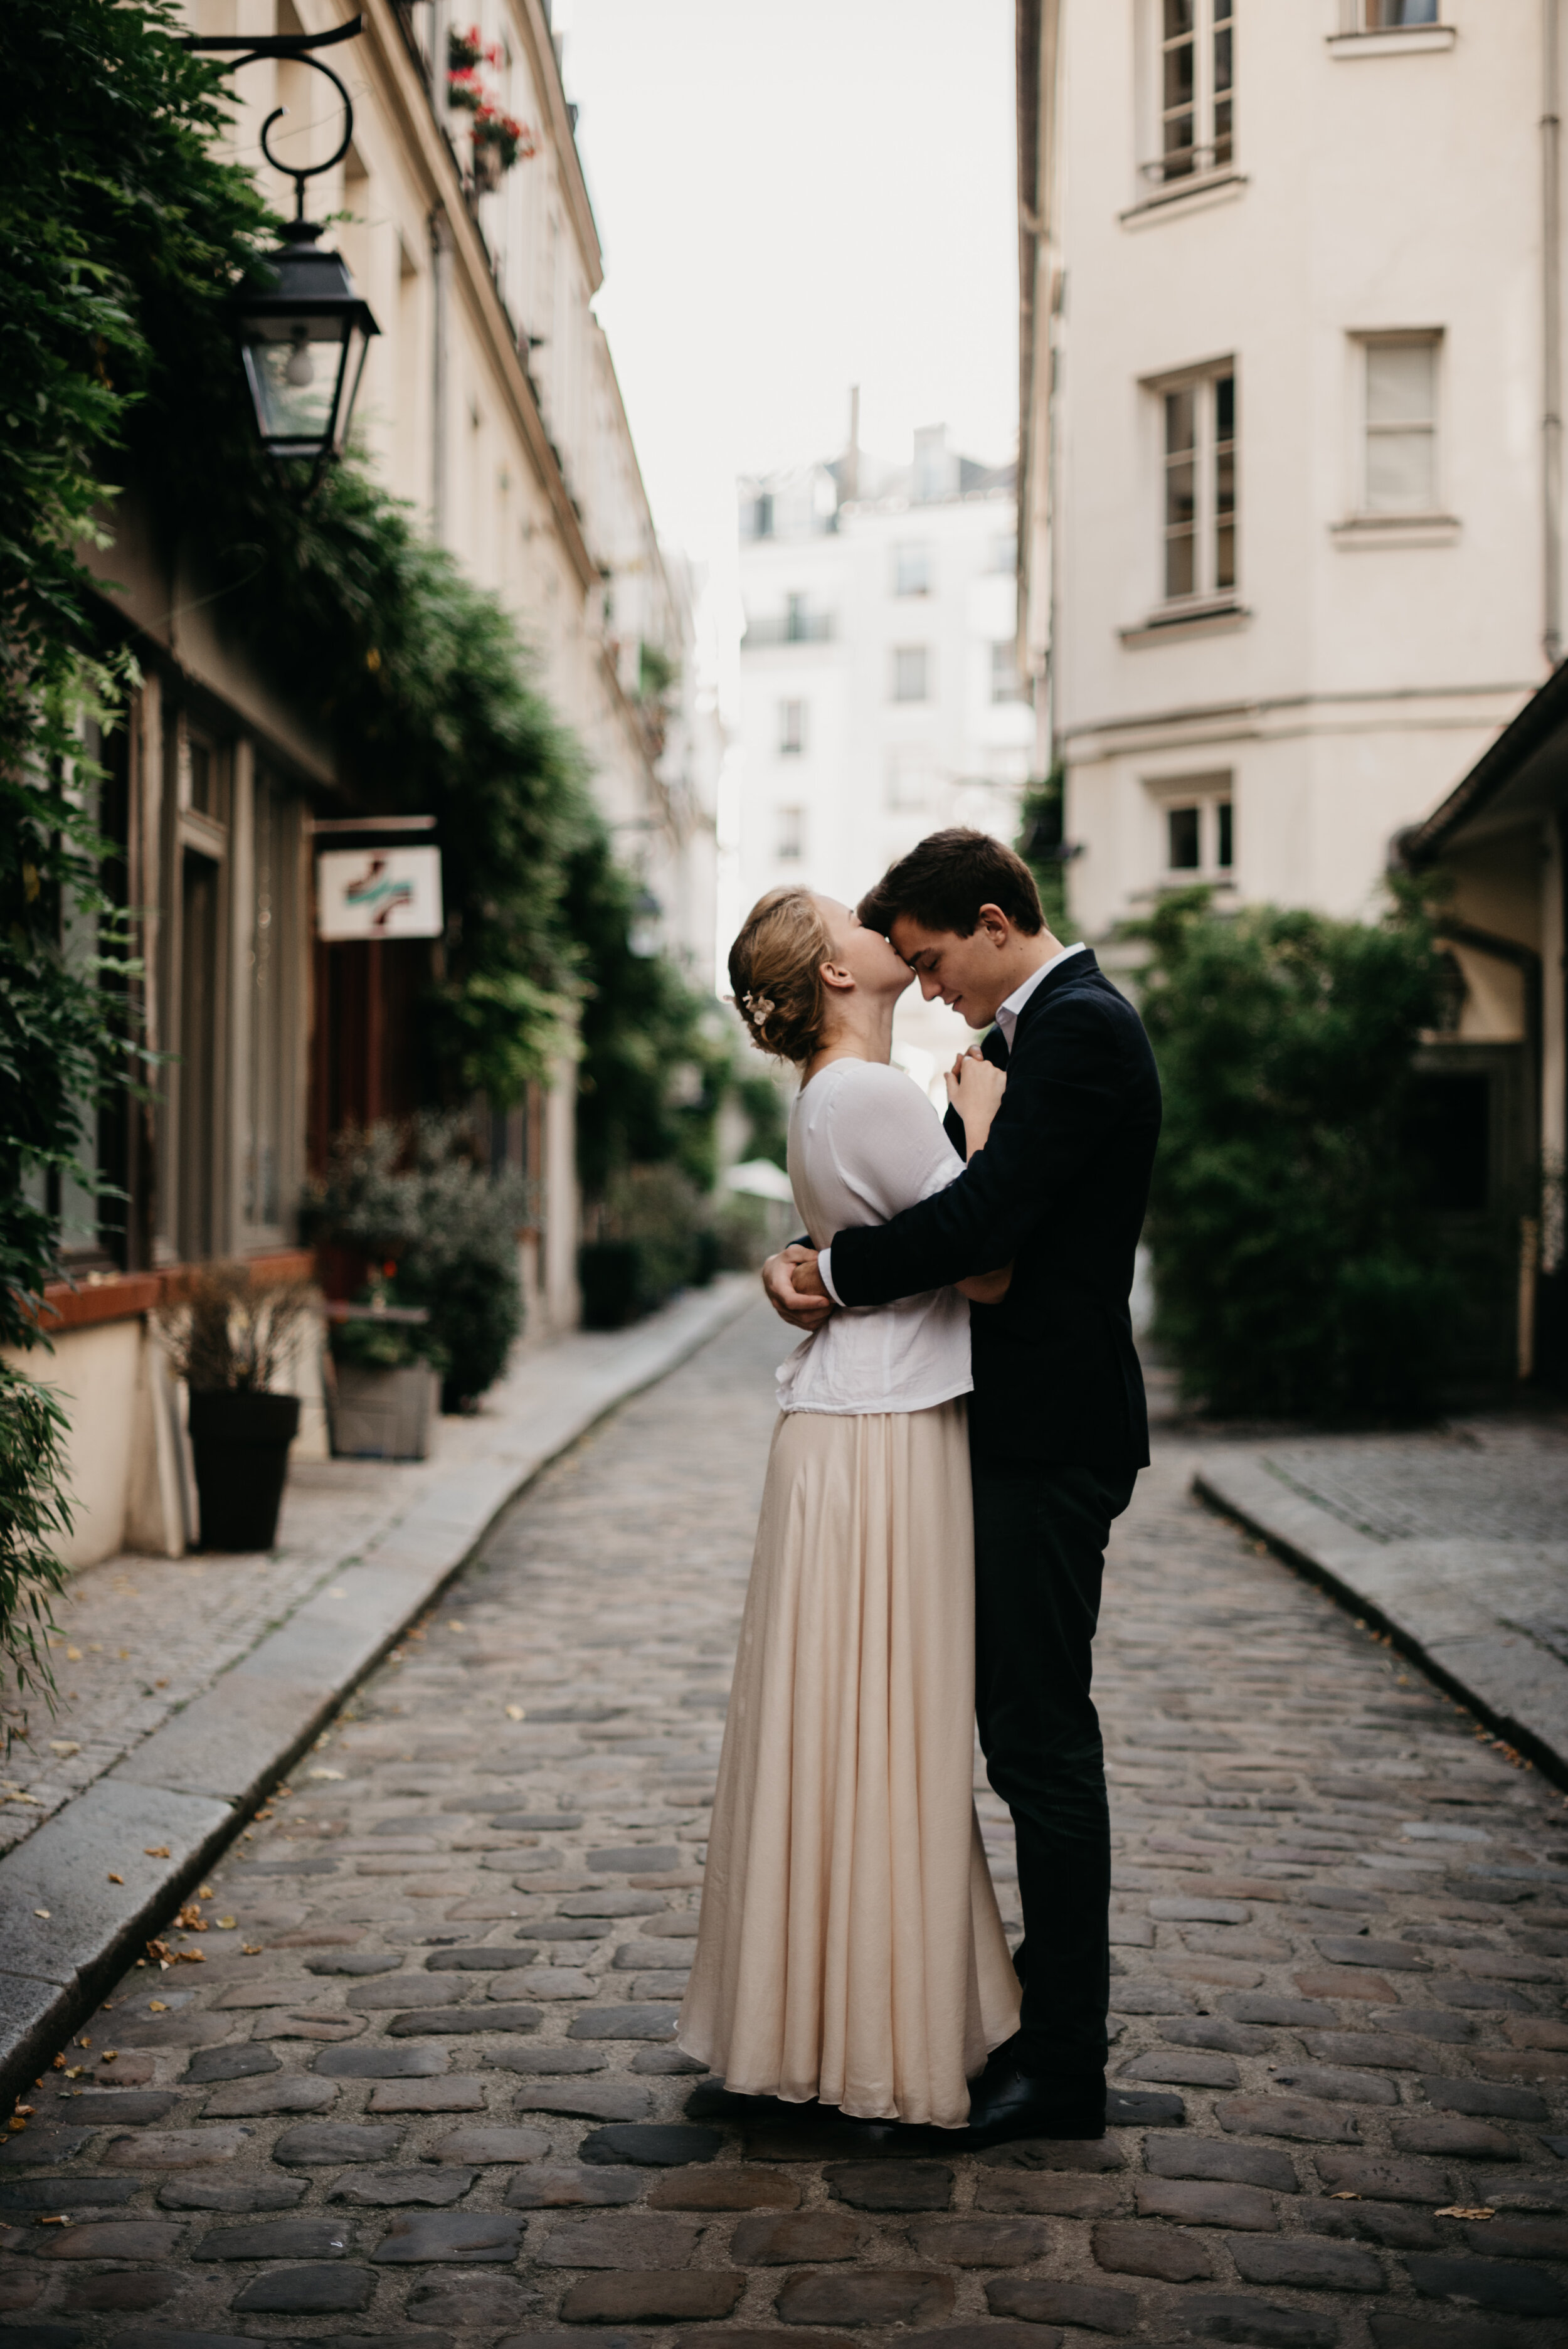 Léa-Fery-photographe-professionnel-lyon-rhone-alpes-portrait-creation-mariage-evenement-evenementiel-famille-3147.jpg